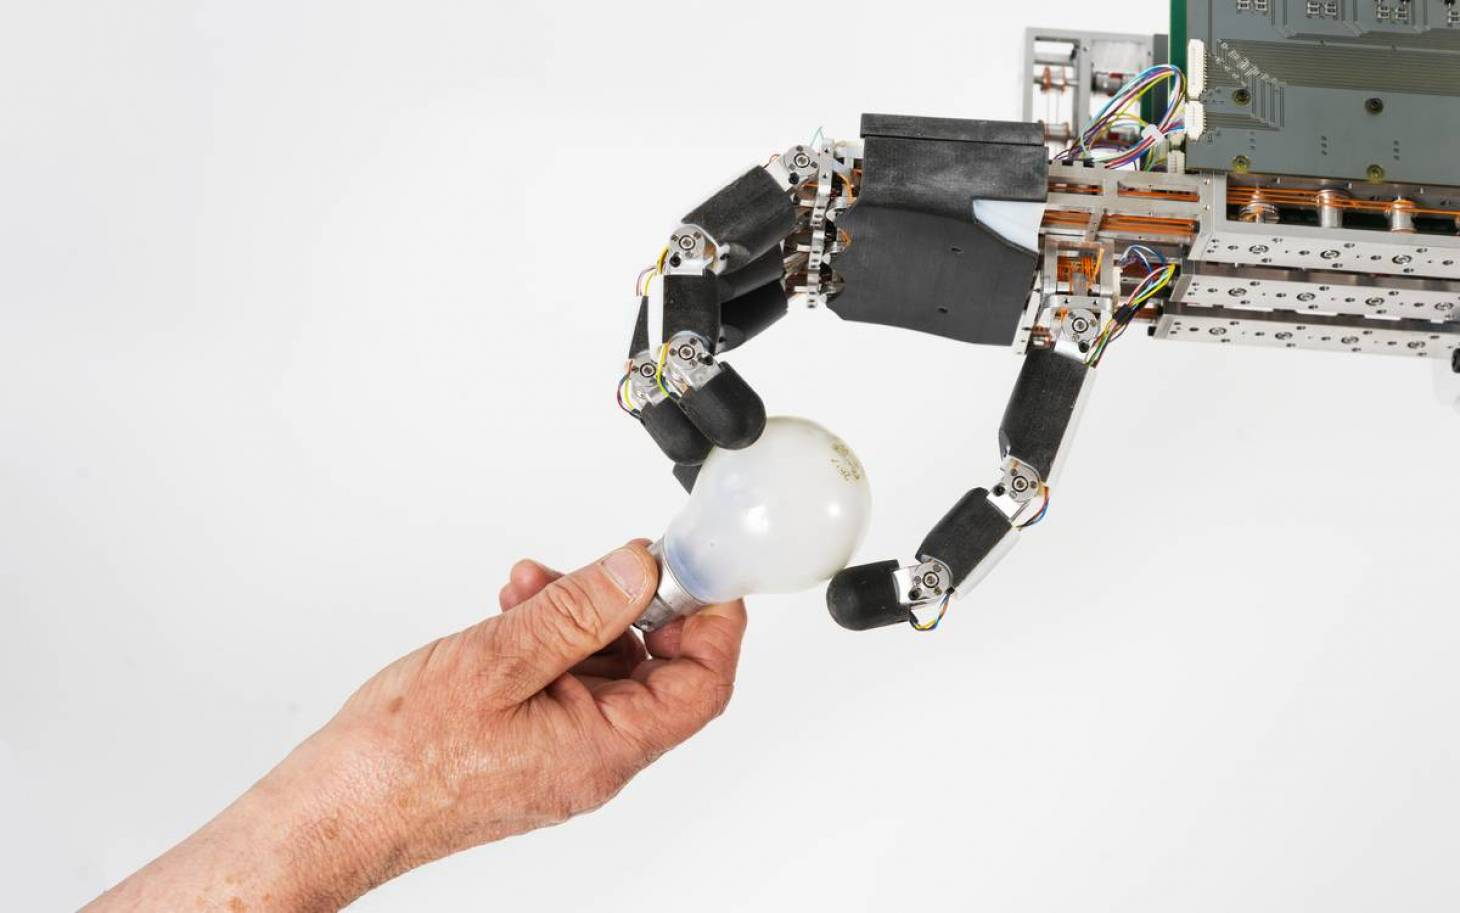 Le laboratoire poitevin Pprime présente sa main robotique à VivaTech